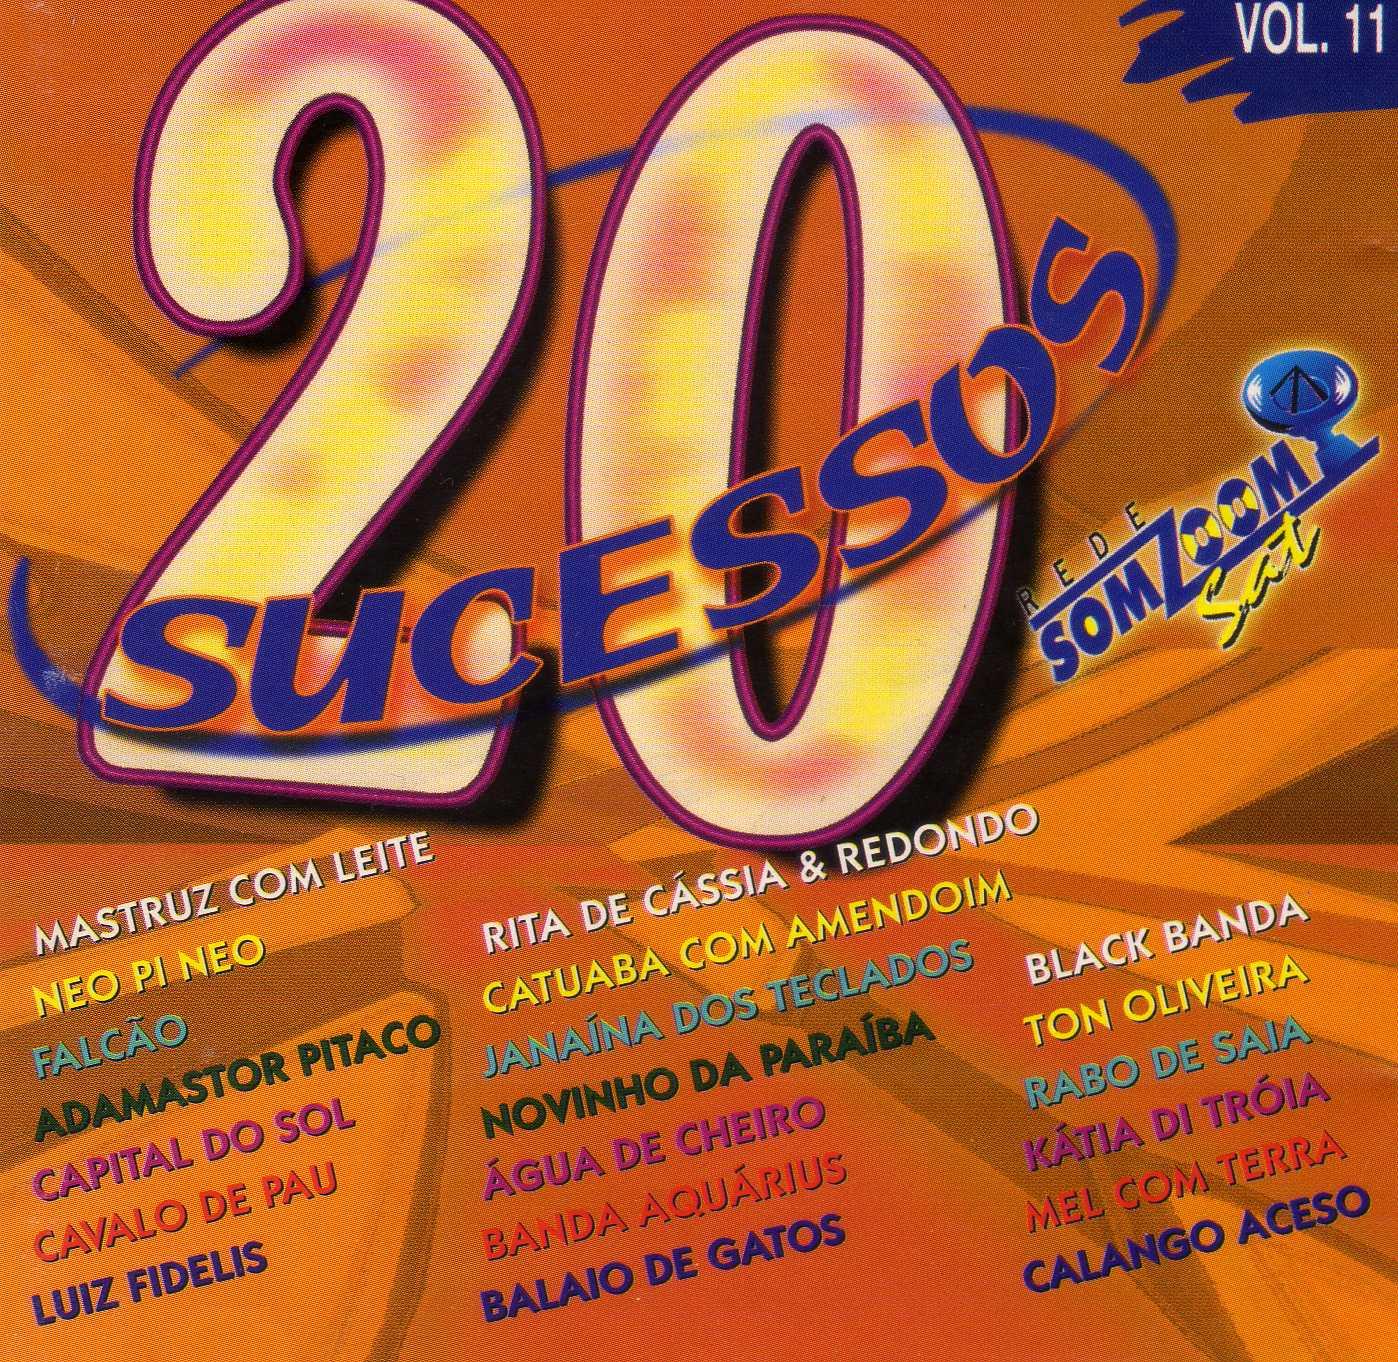 DOS TECLADOS BAIXAR VOL.14 CD ANJINHO DE